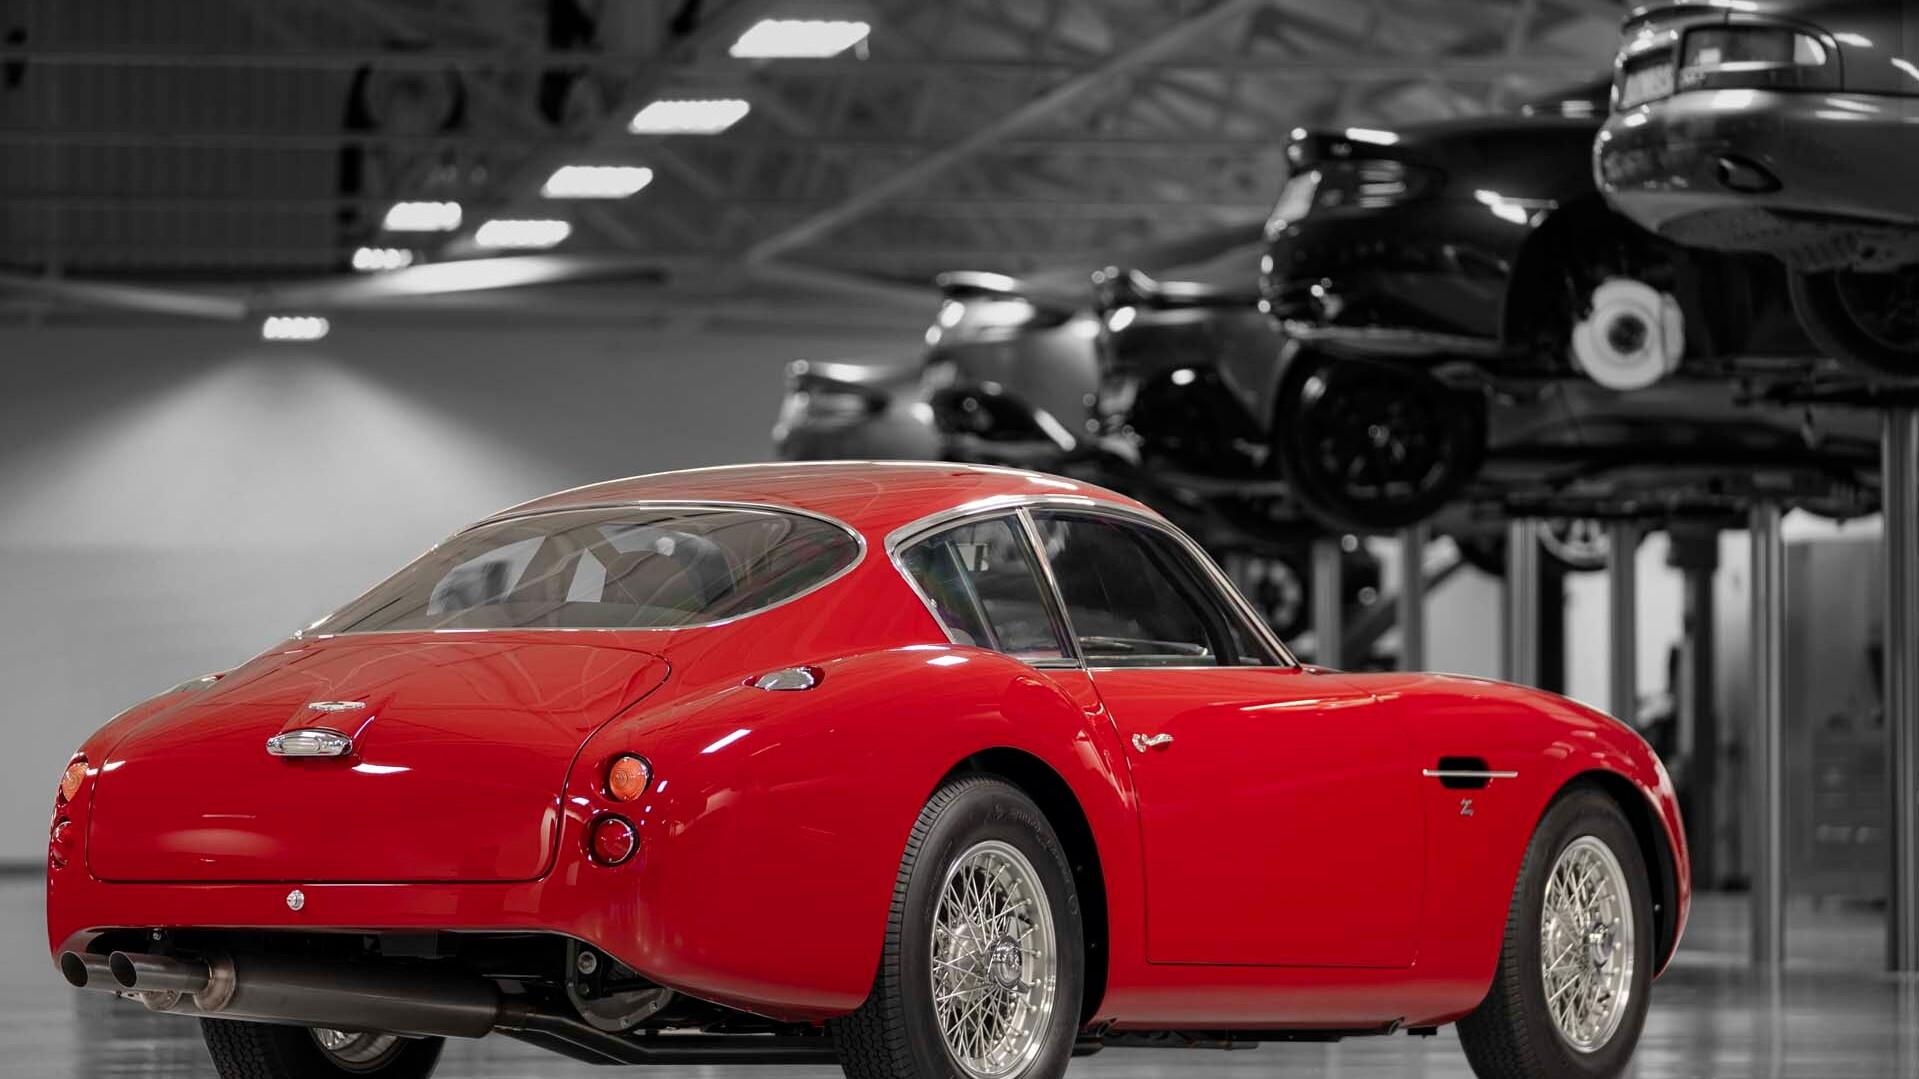 Aston Martin DB4 GT Zagato continuation car